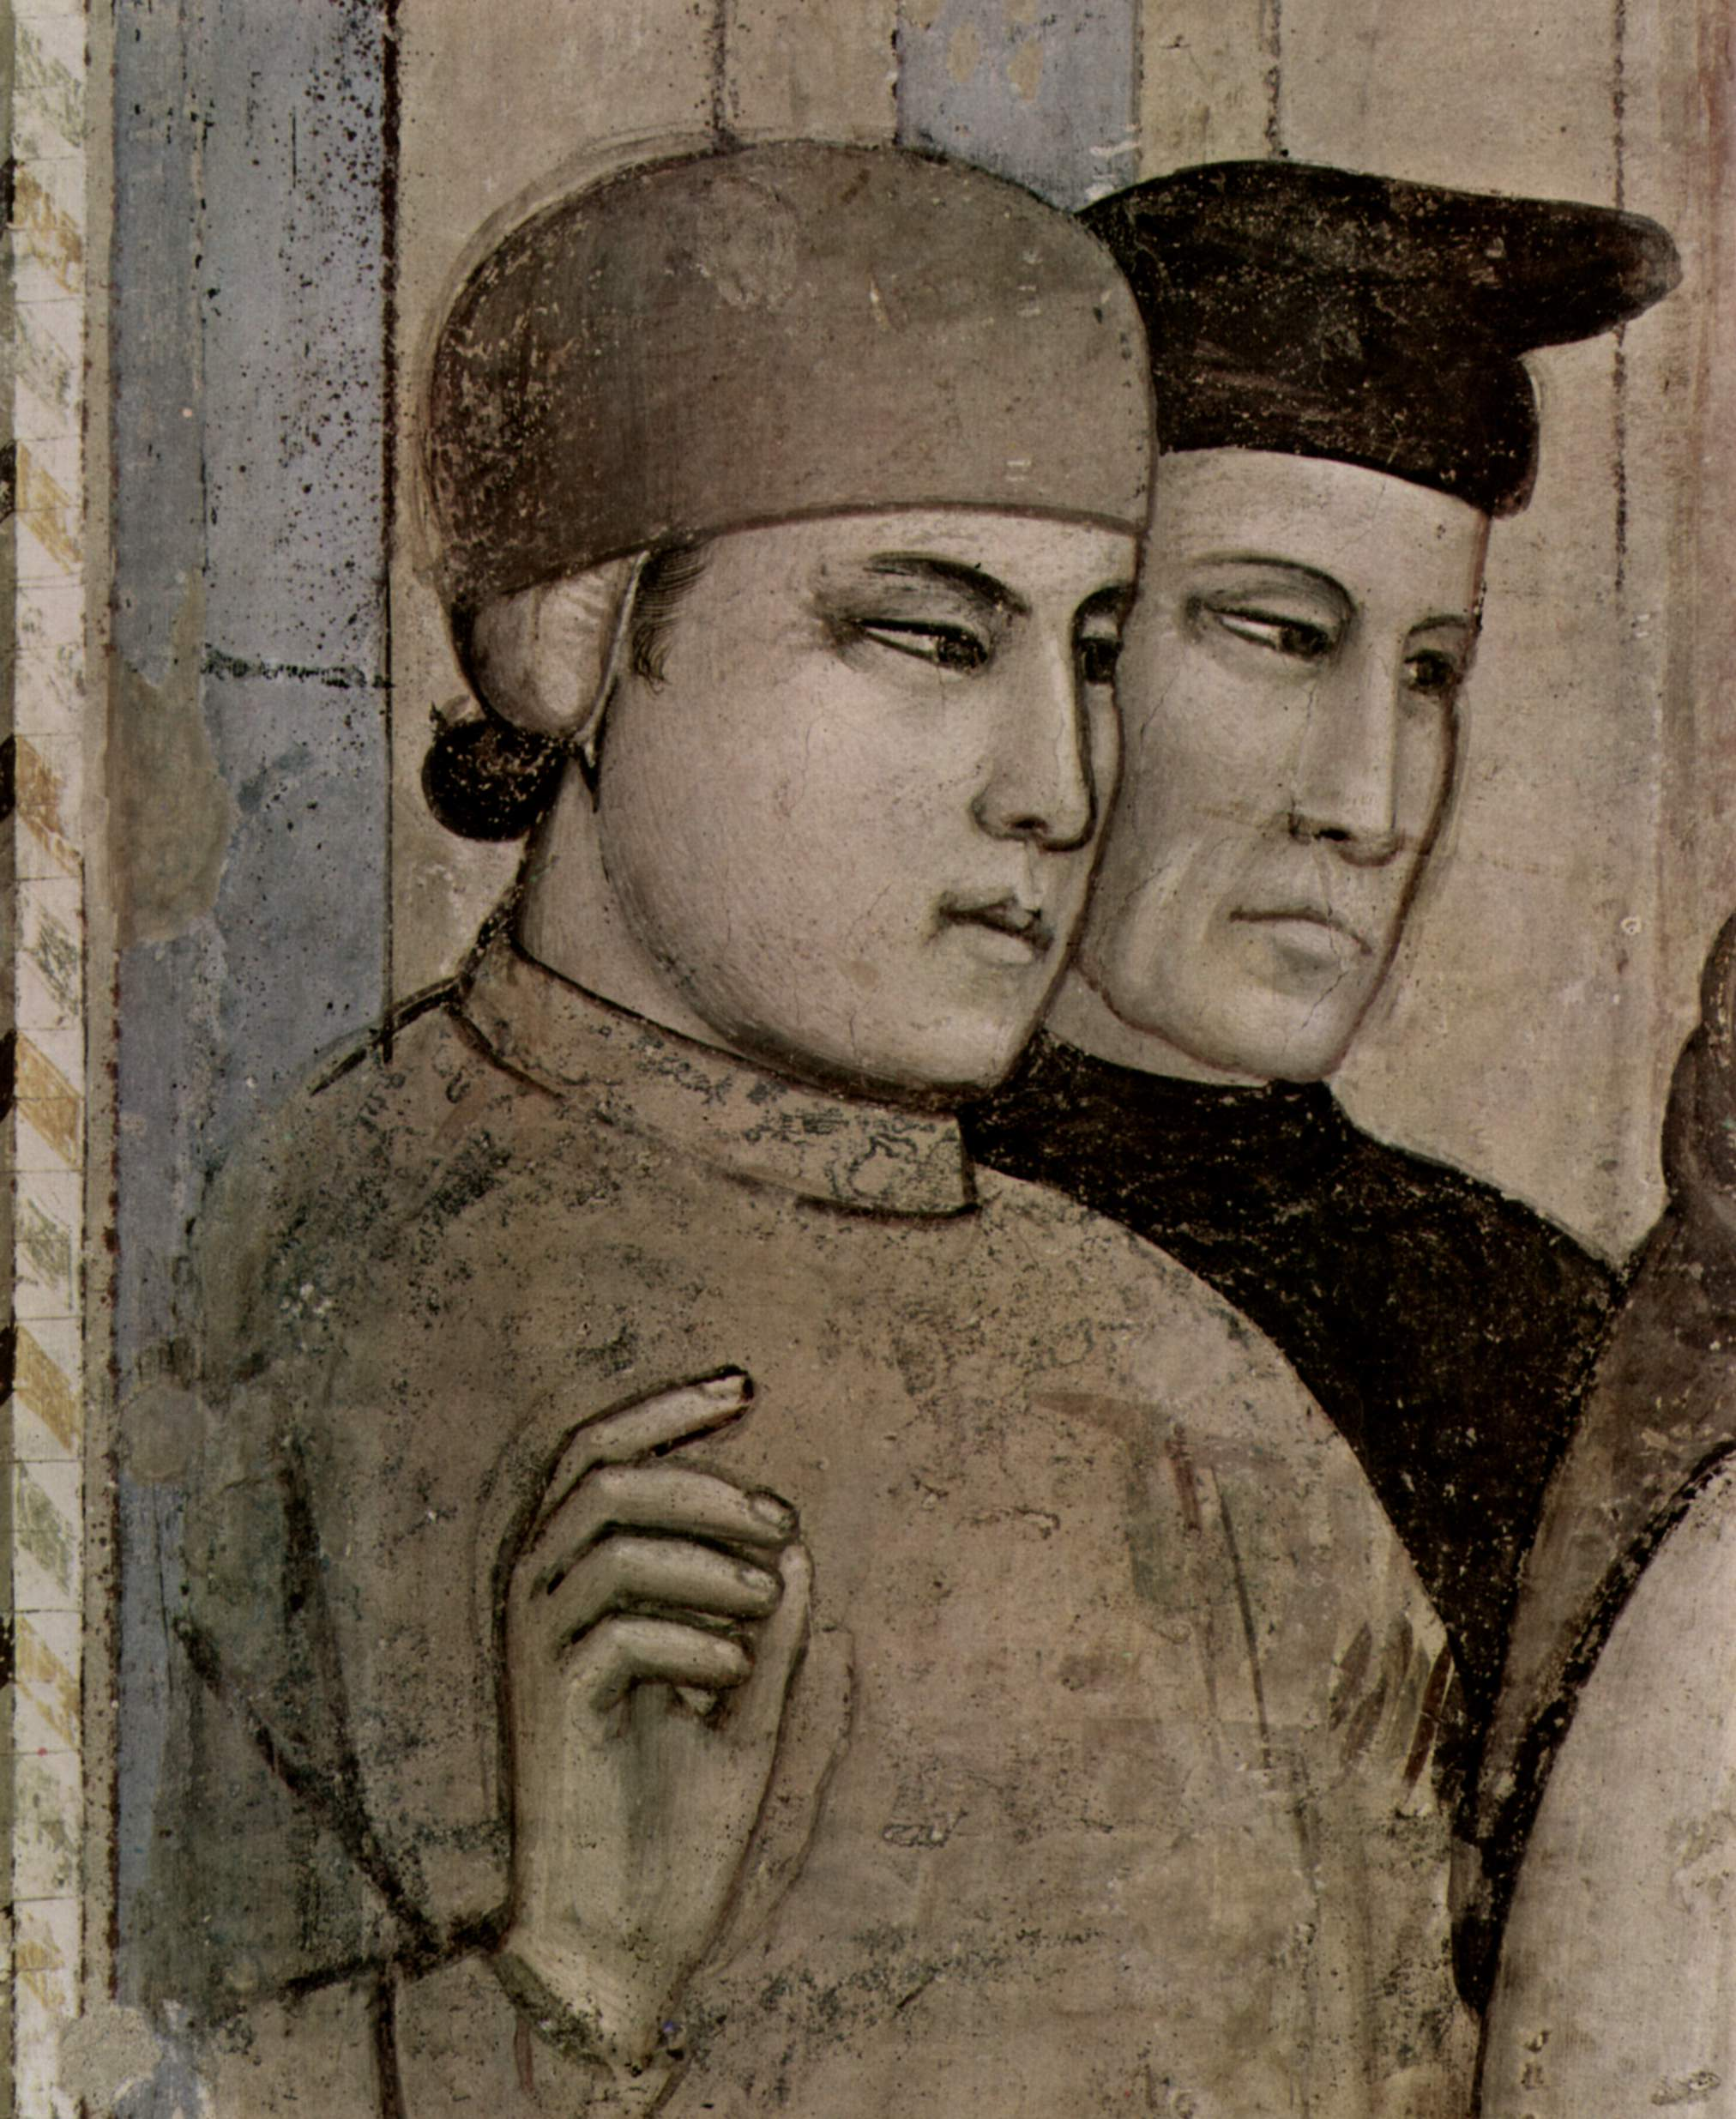 Цикл фресок из жизни св. Франциска, капелла Барди [07]. Санта Кроче во Флоренции. Подтверждение стиг, Джотто ди Бондоне